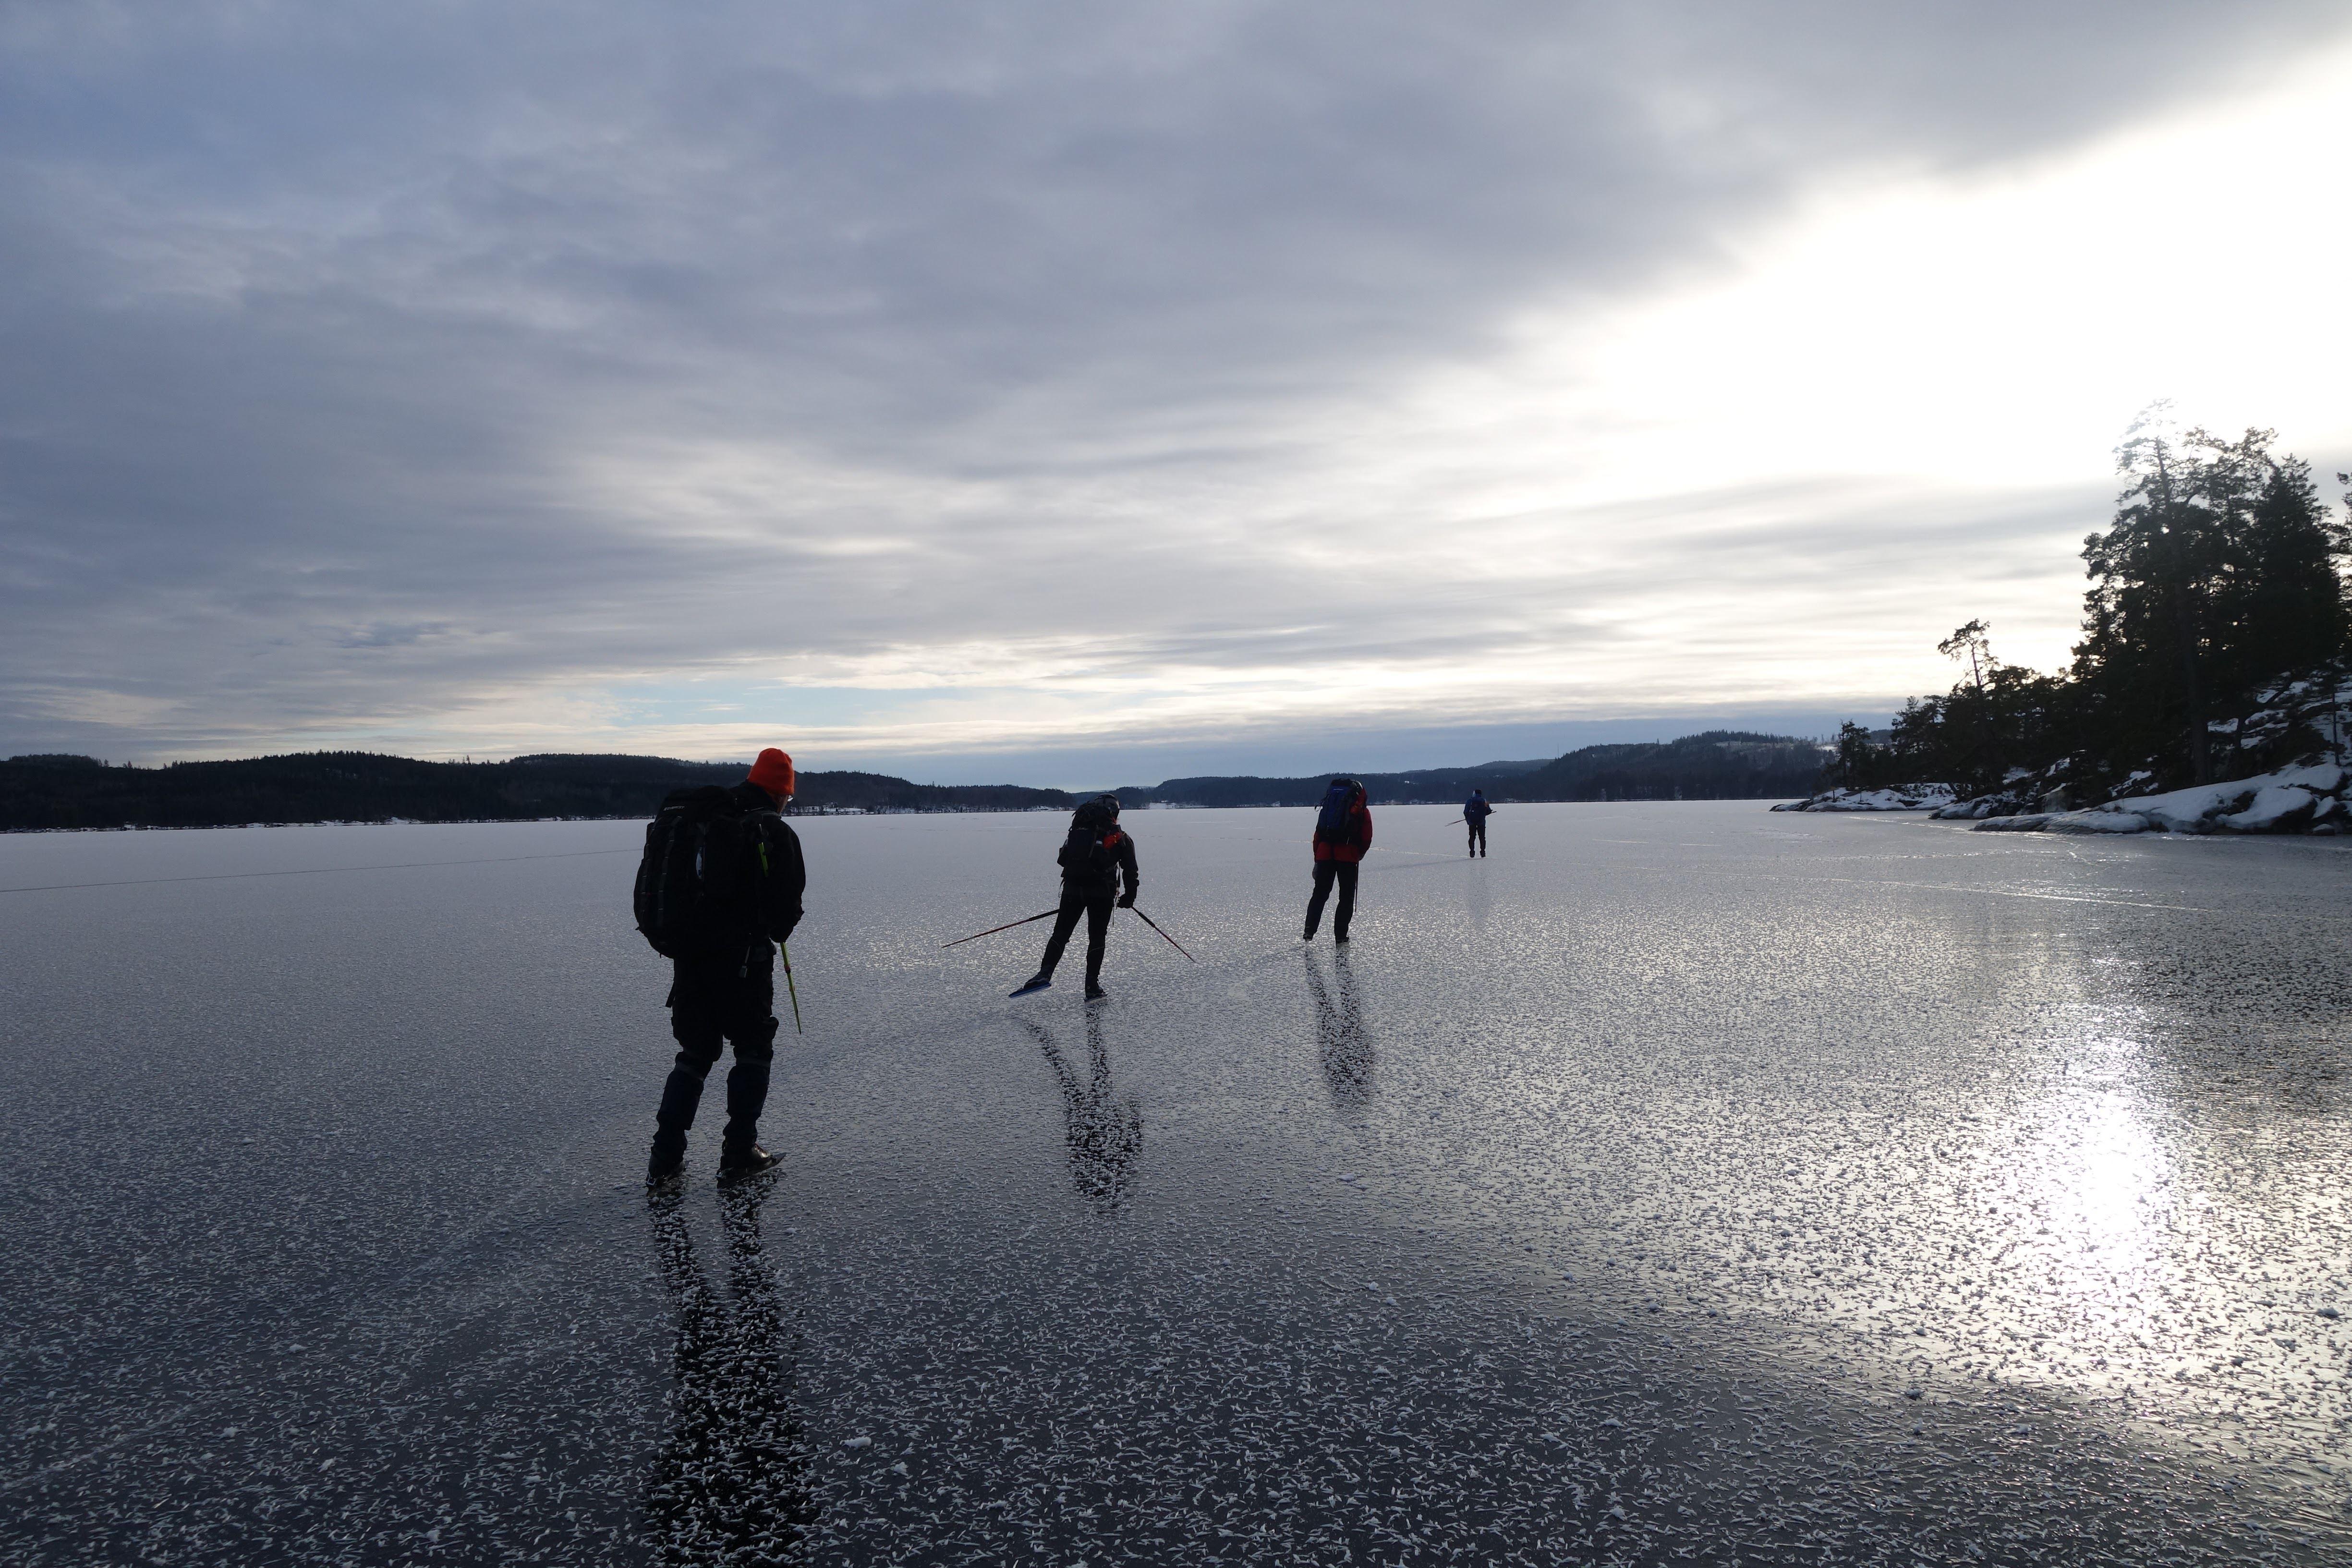 © Friluftsfrämjandet Nässjö, Pröva på långfärdsskridskor och upptaktsträff